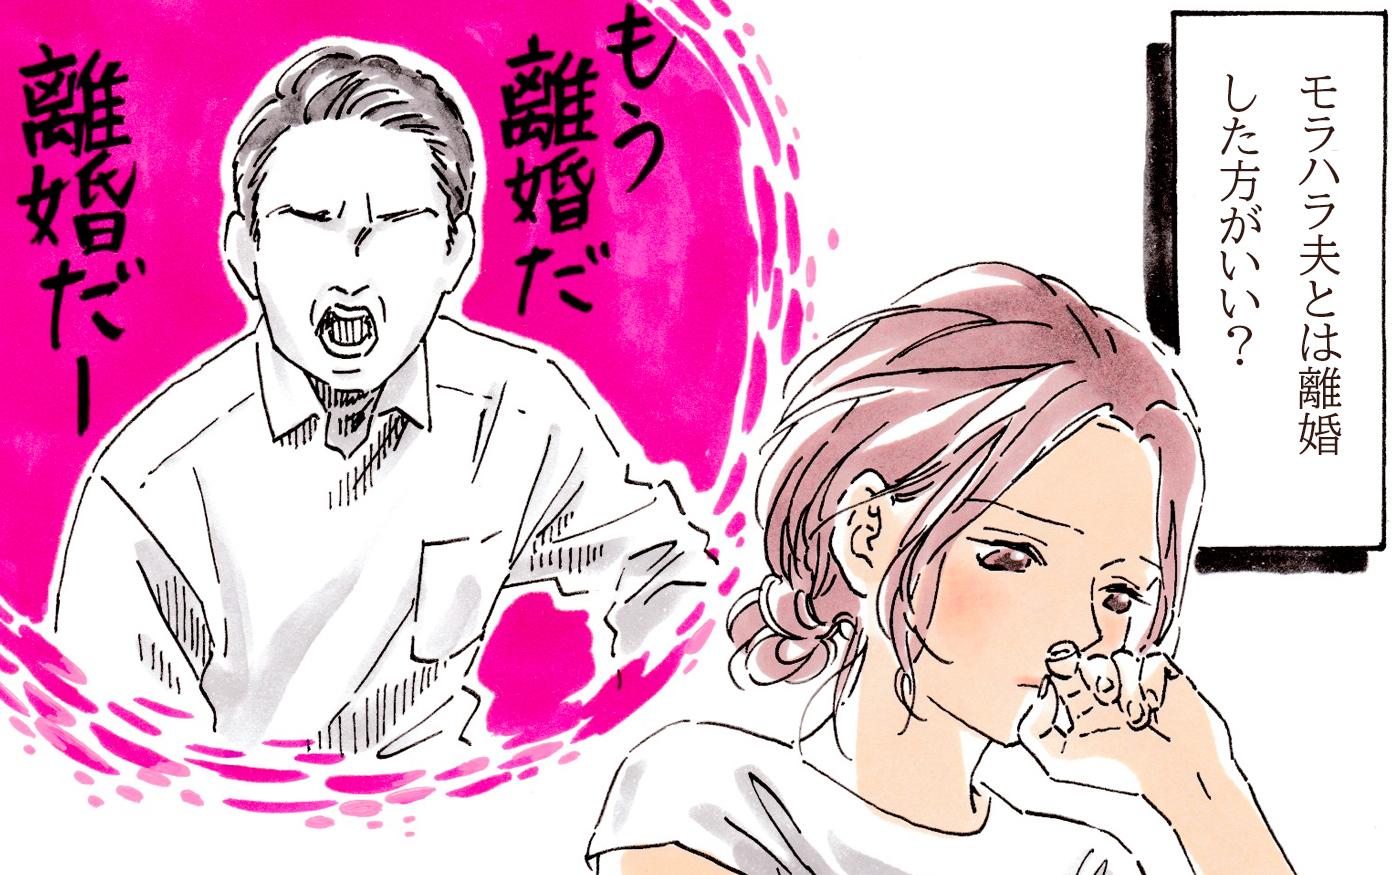 離婚できない妻のモラハラ対処法